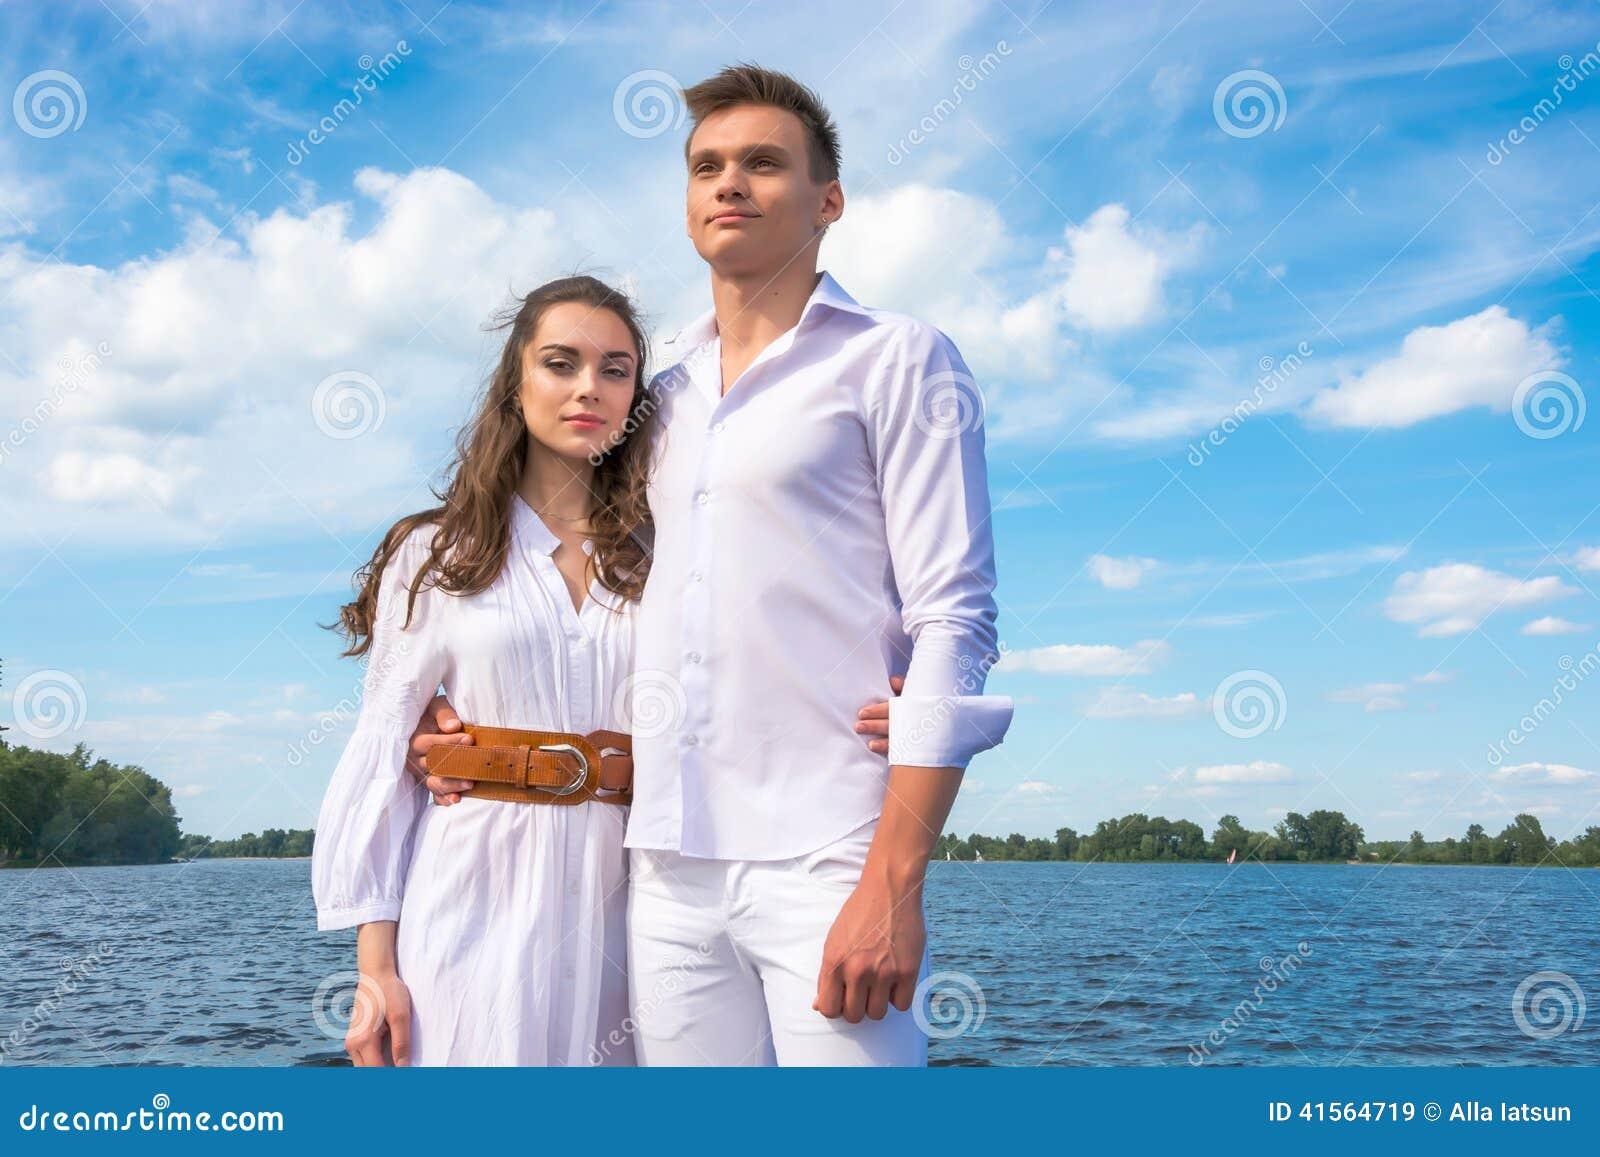 男人和妇女在水背景拥抱图片